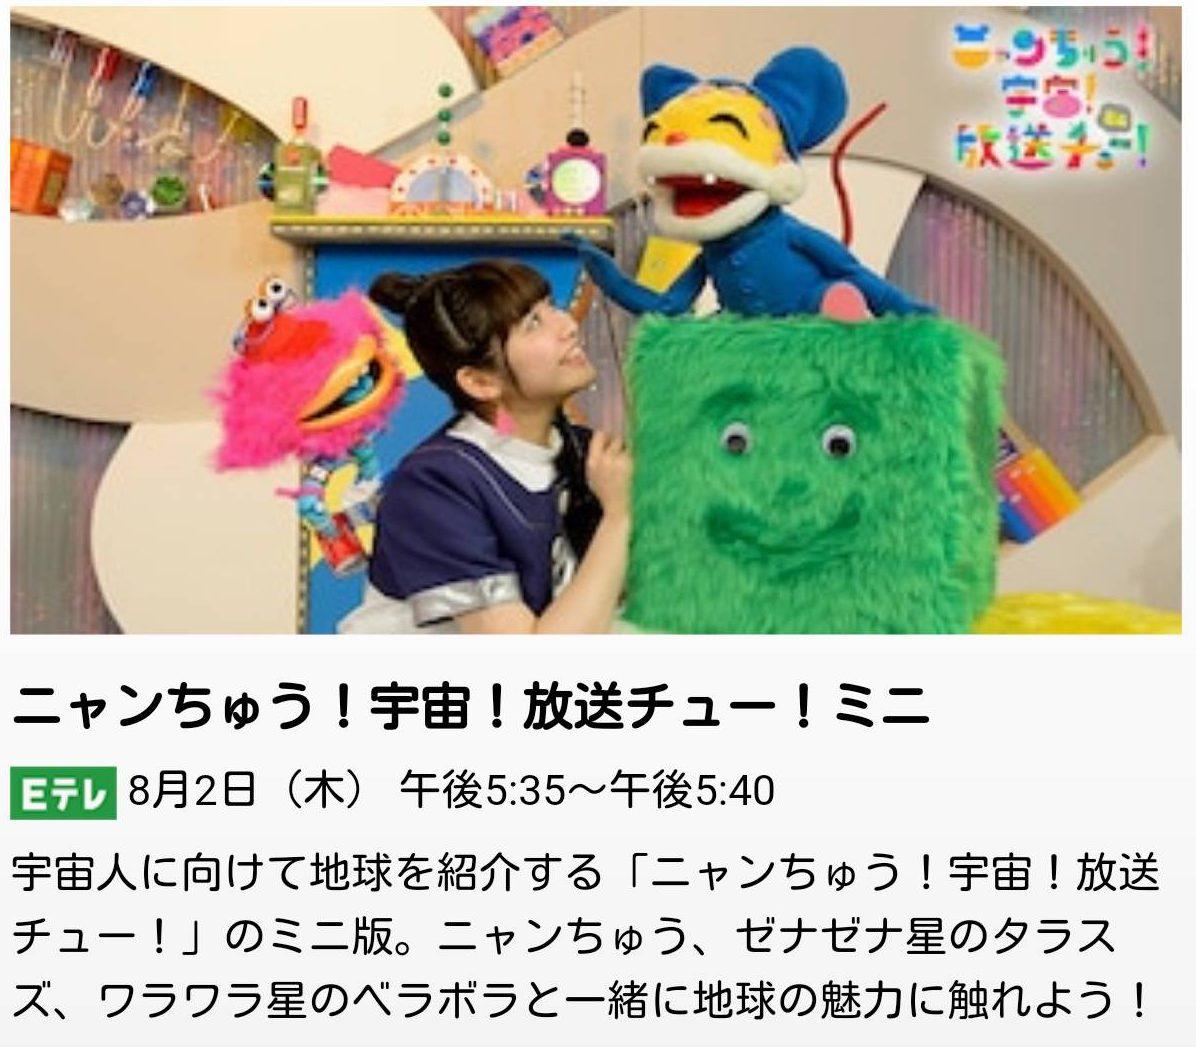 【オンエア情報】 ■今後のおねんどお姉さん出演予定  2018年8月2日(木)